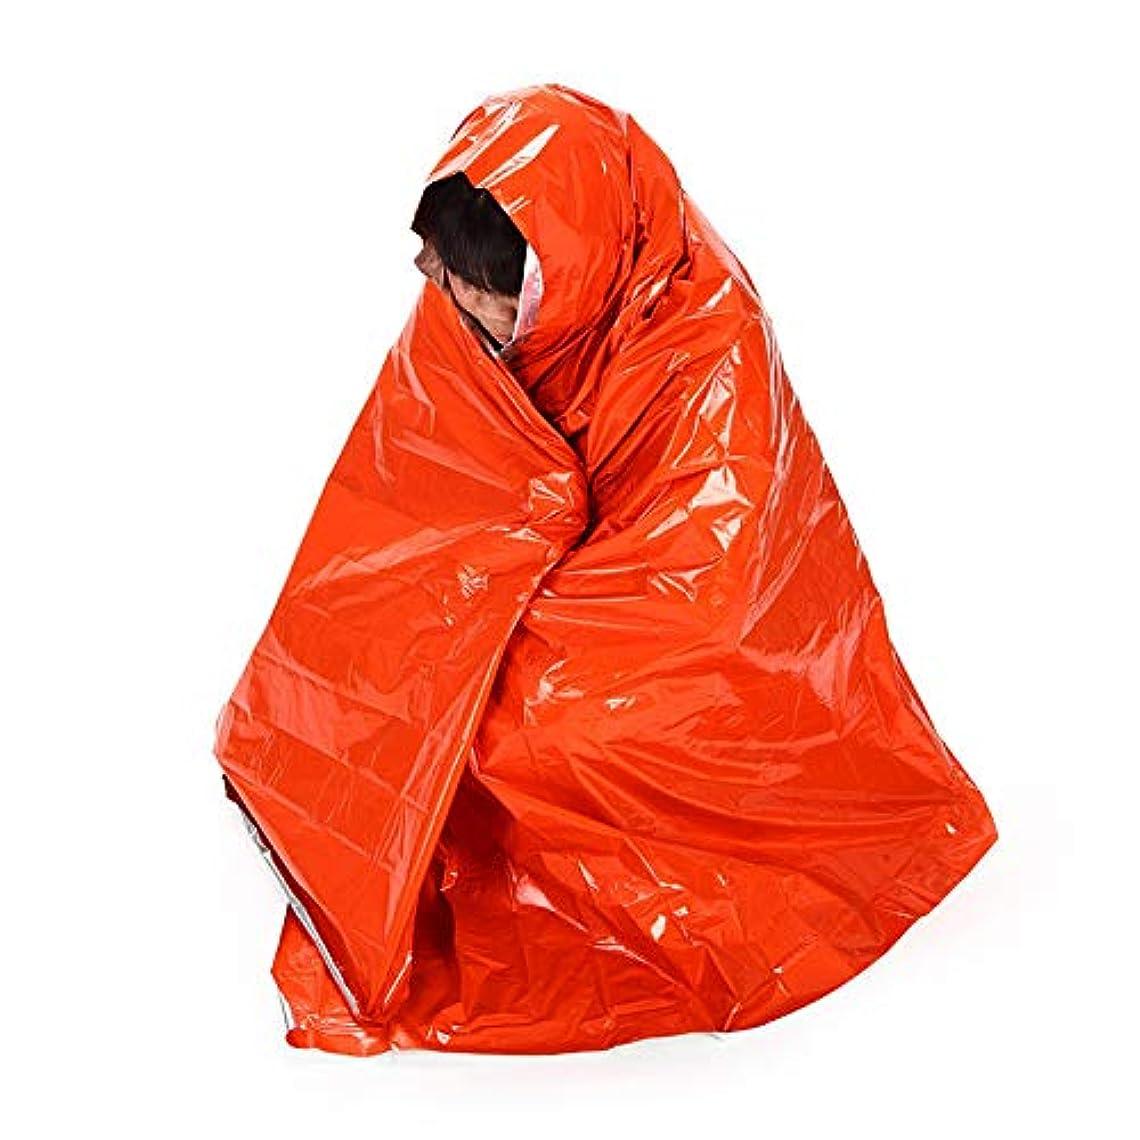 鉛筆困惑する遠洋の210 * 130CMハイキングキャンプ断熱材緊急毛布屋外日焼け防止マット